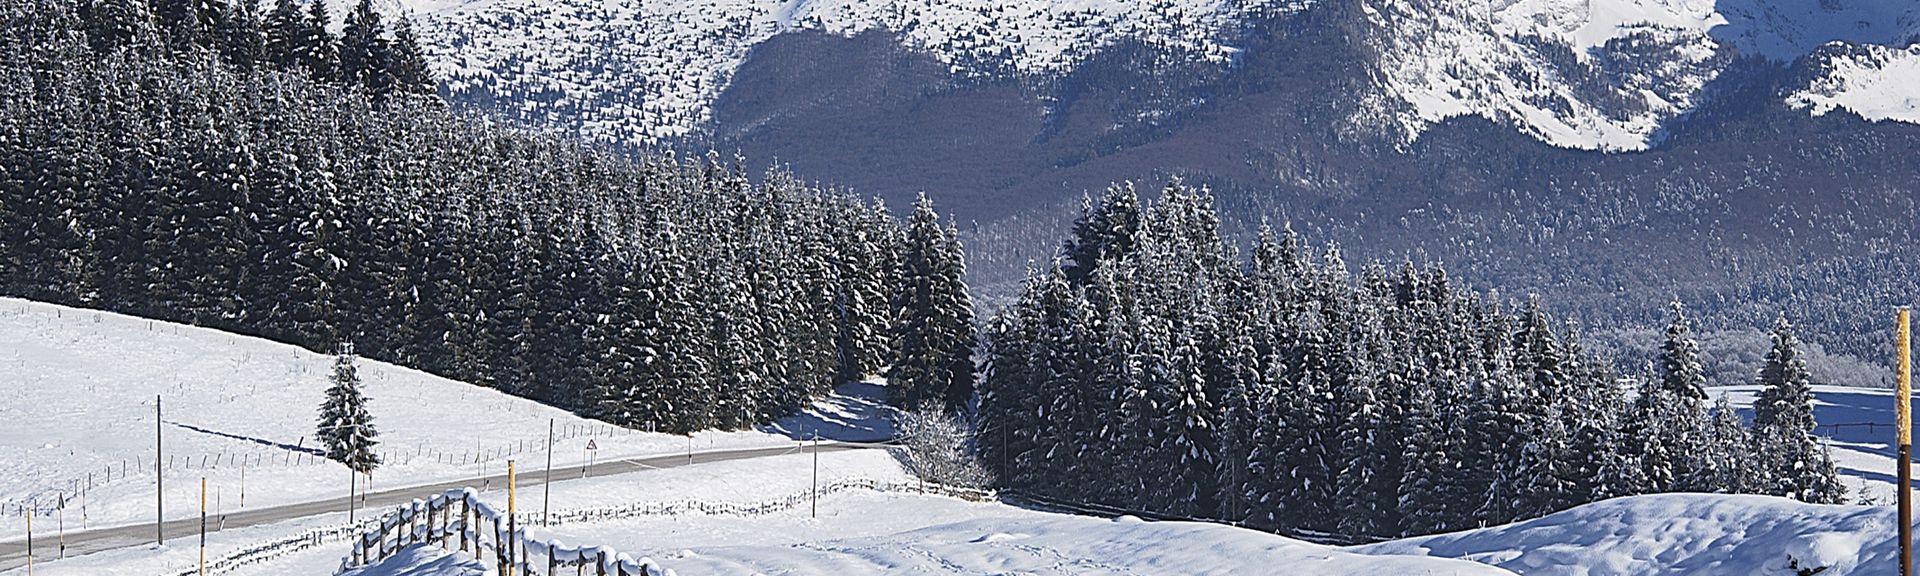 Prowincja Pordenone, Friuli-Wenecja Julijska, Włochy